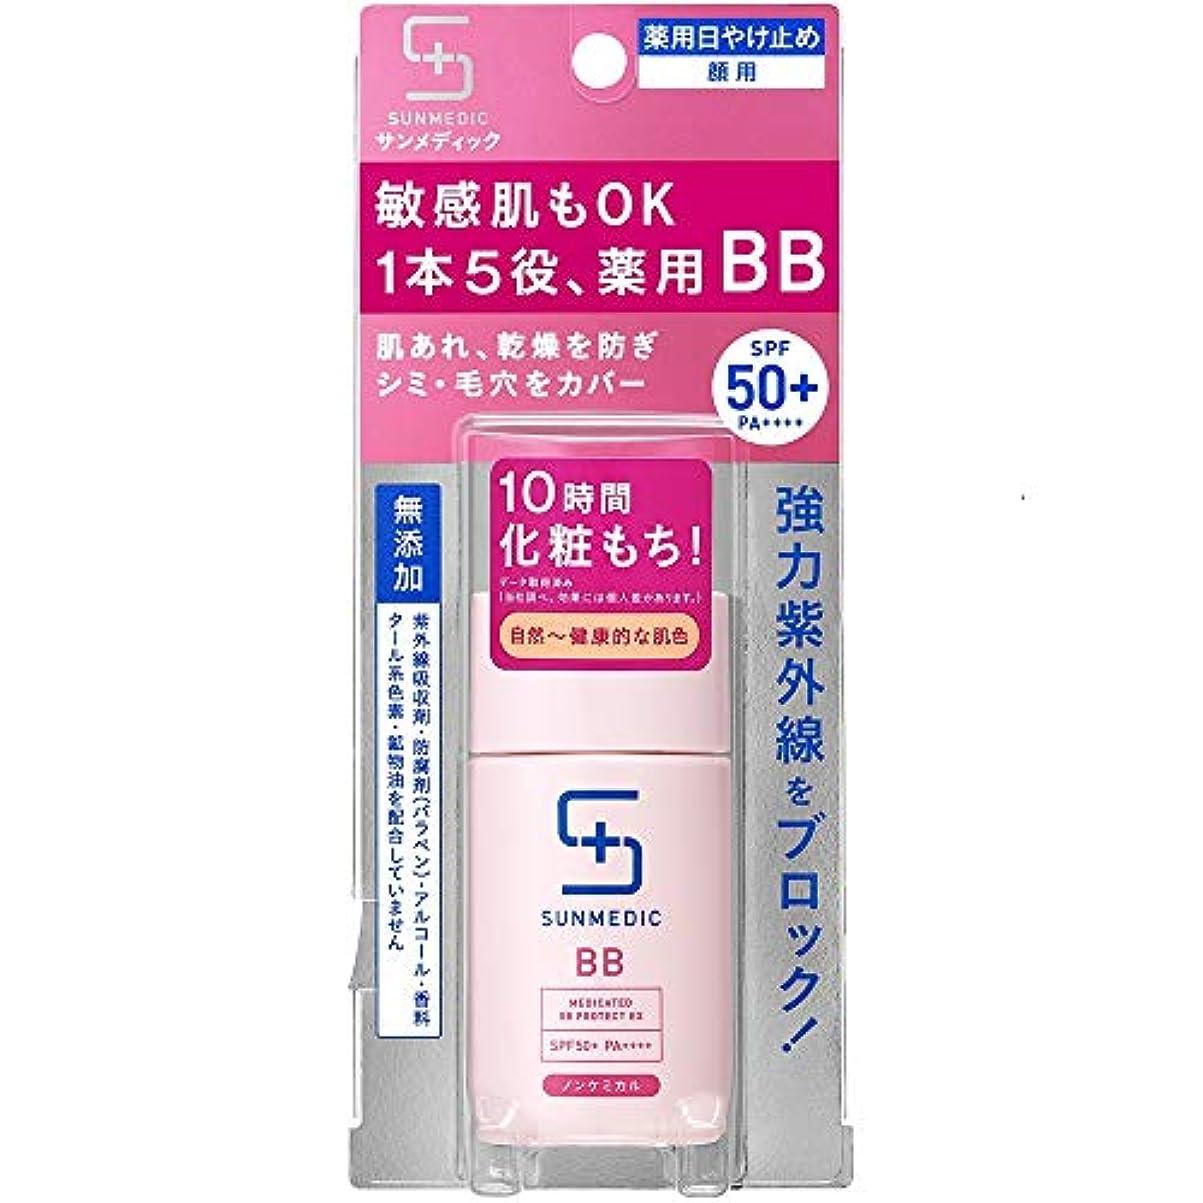 アンビエント発生する飼料サンメディックUV 薬用BBプロテクトEX ナチュラル 30ml (医薬部外品)